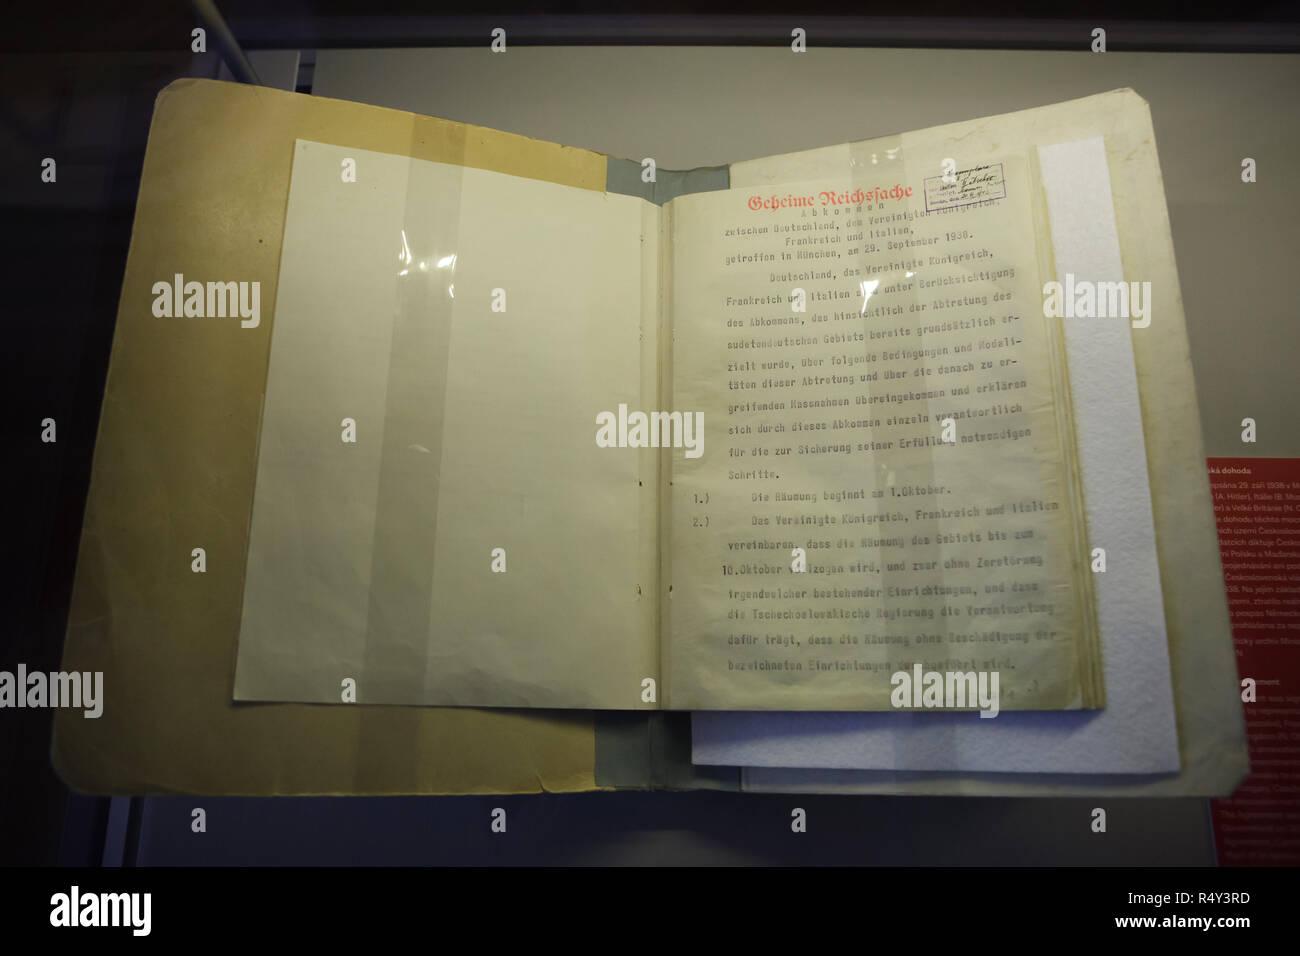 Accord de Munich (Münchner Abkommen) signé le 29 septembre 1938 sur l'affichage à l'exposition tchécoslovaque (Česko-slovenská výstava) dans le Musée National (Národní muzeum) à Prague, République tchèque. Le document signé à Munich par les représentants de l'Allemagne (Adolf Hitler), Italie (Mussolini), la France (Édouard Daladier) et la Grande-Bretagne (Neville Chamberlain) contient un accord entre ces pouvoirs permettant l'annexion de la périphérie de la Tchécoslovaquie par l'Allemagne. La Tchécoslovaquie n'a pas été invité à négocier ou à signer cet accord. L'original du document est présenté Banque D'Images